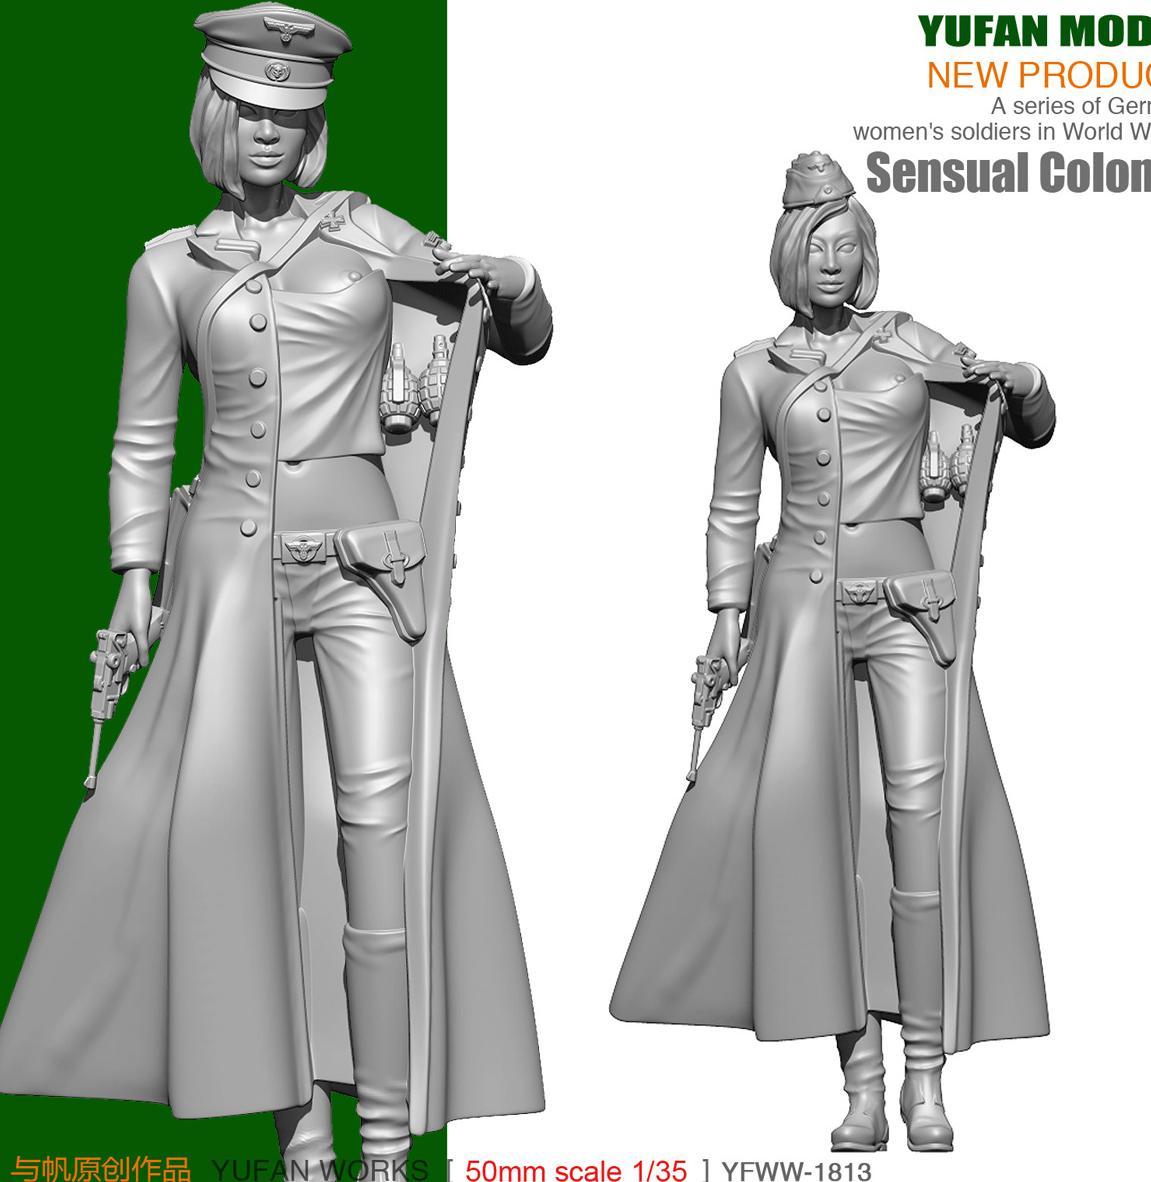 Yufan Model 1/35  Resin Figura German Sexy Women Officers Soldier Model YFWW35-1813